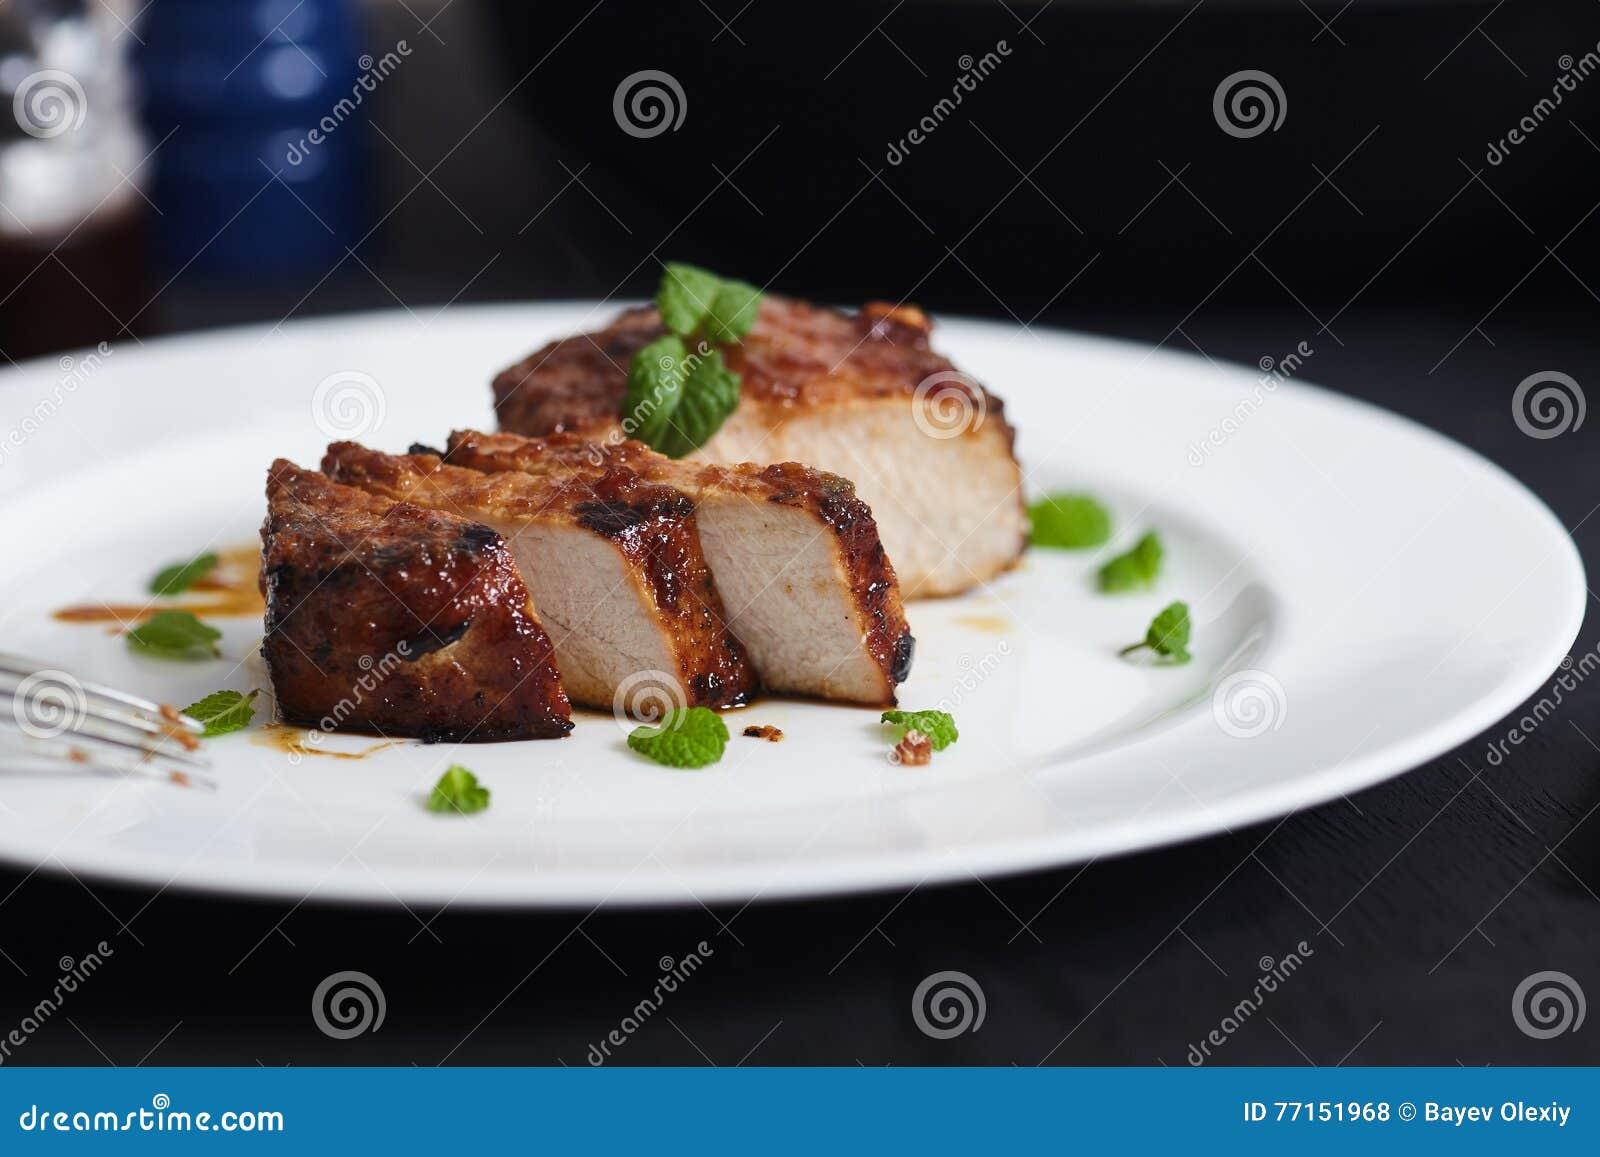 Côtelettes de porc coréennes de style